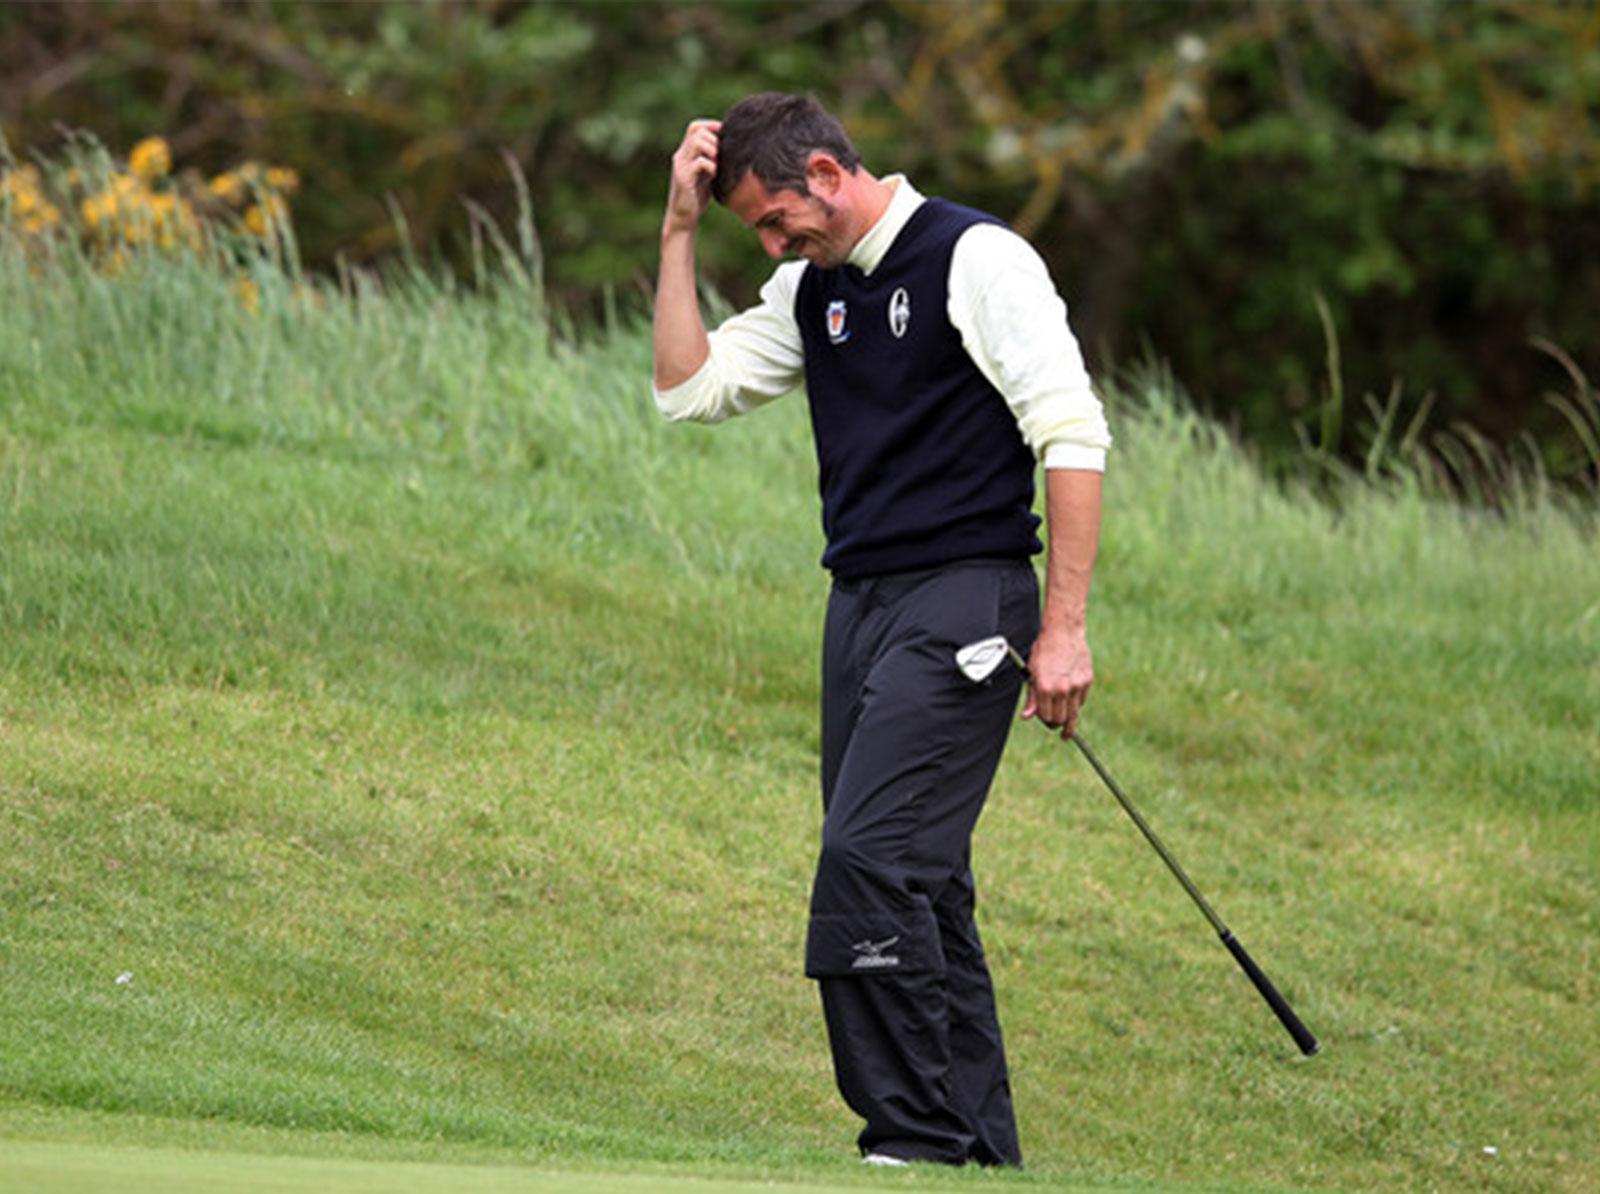 Gestione Tempo e Qualit dell39allenamento nel Golf